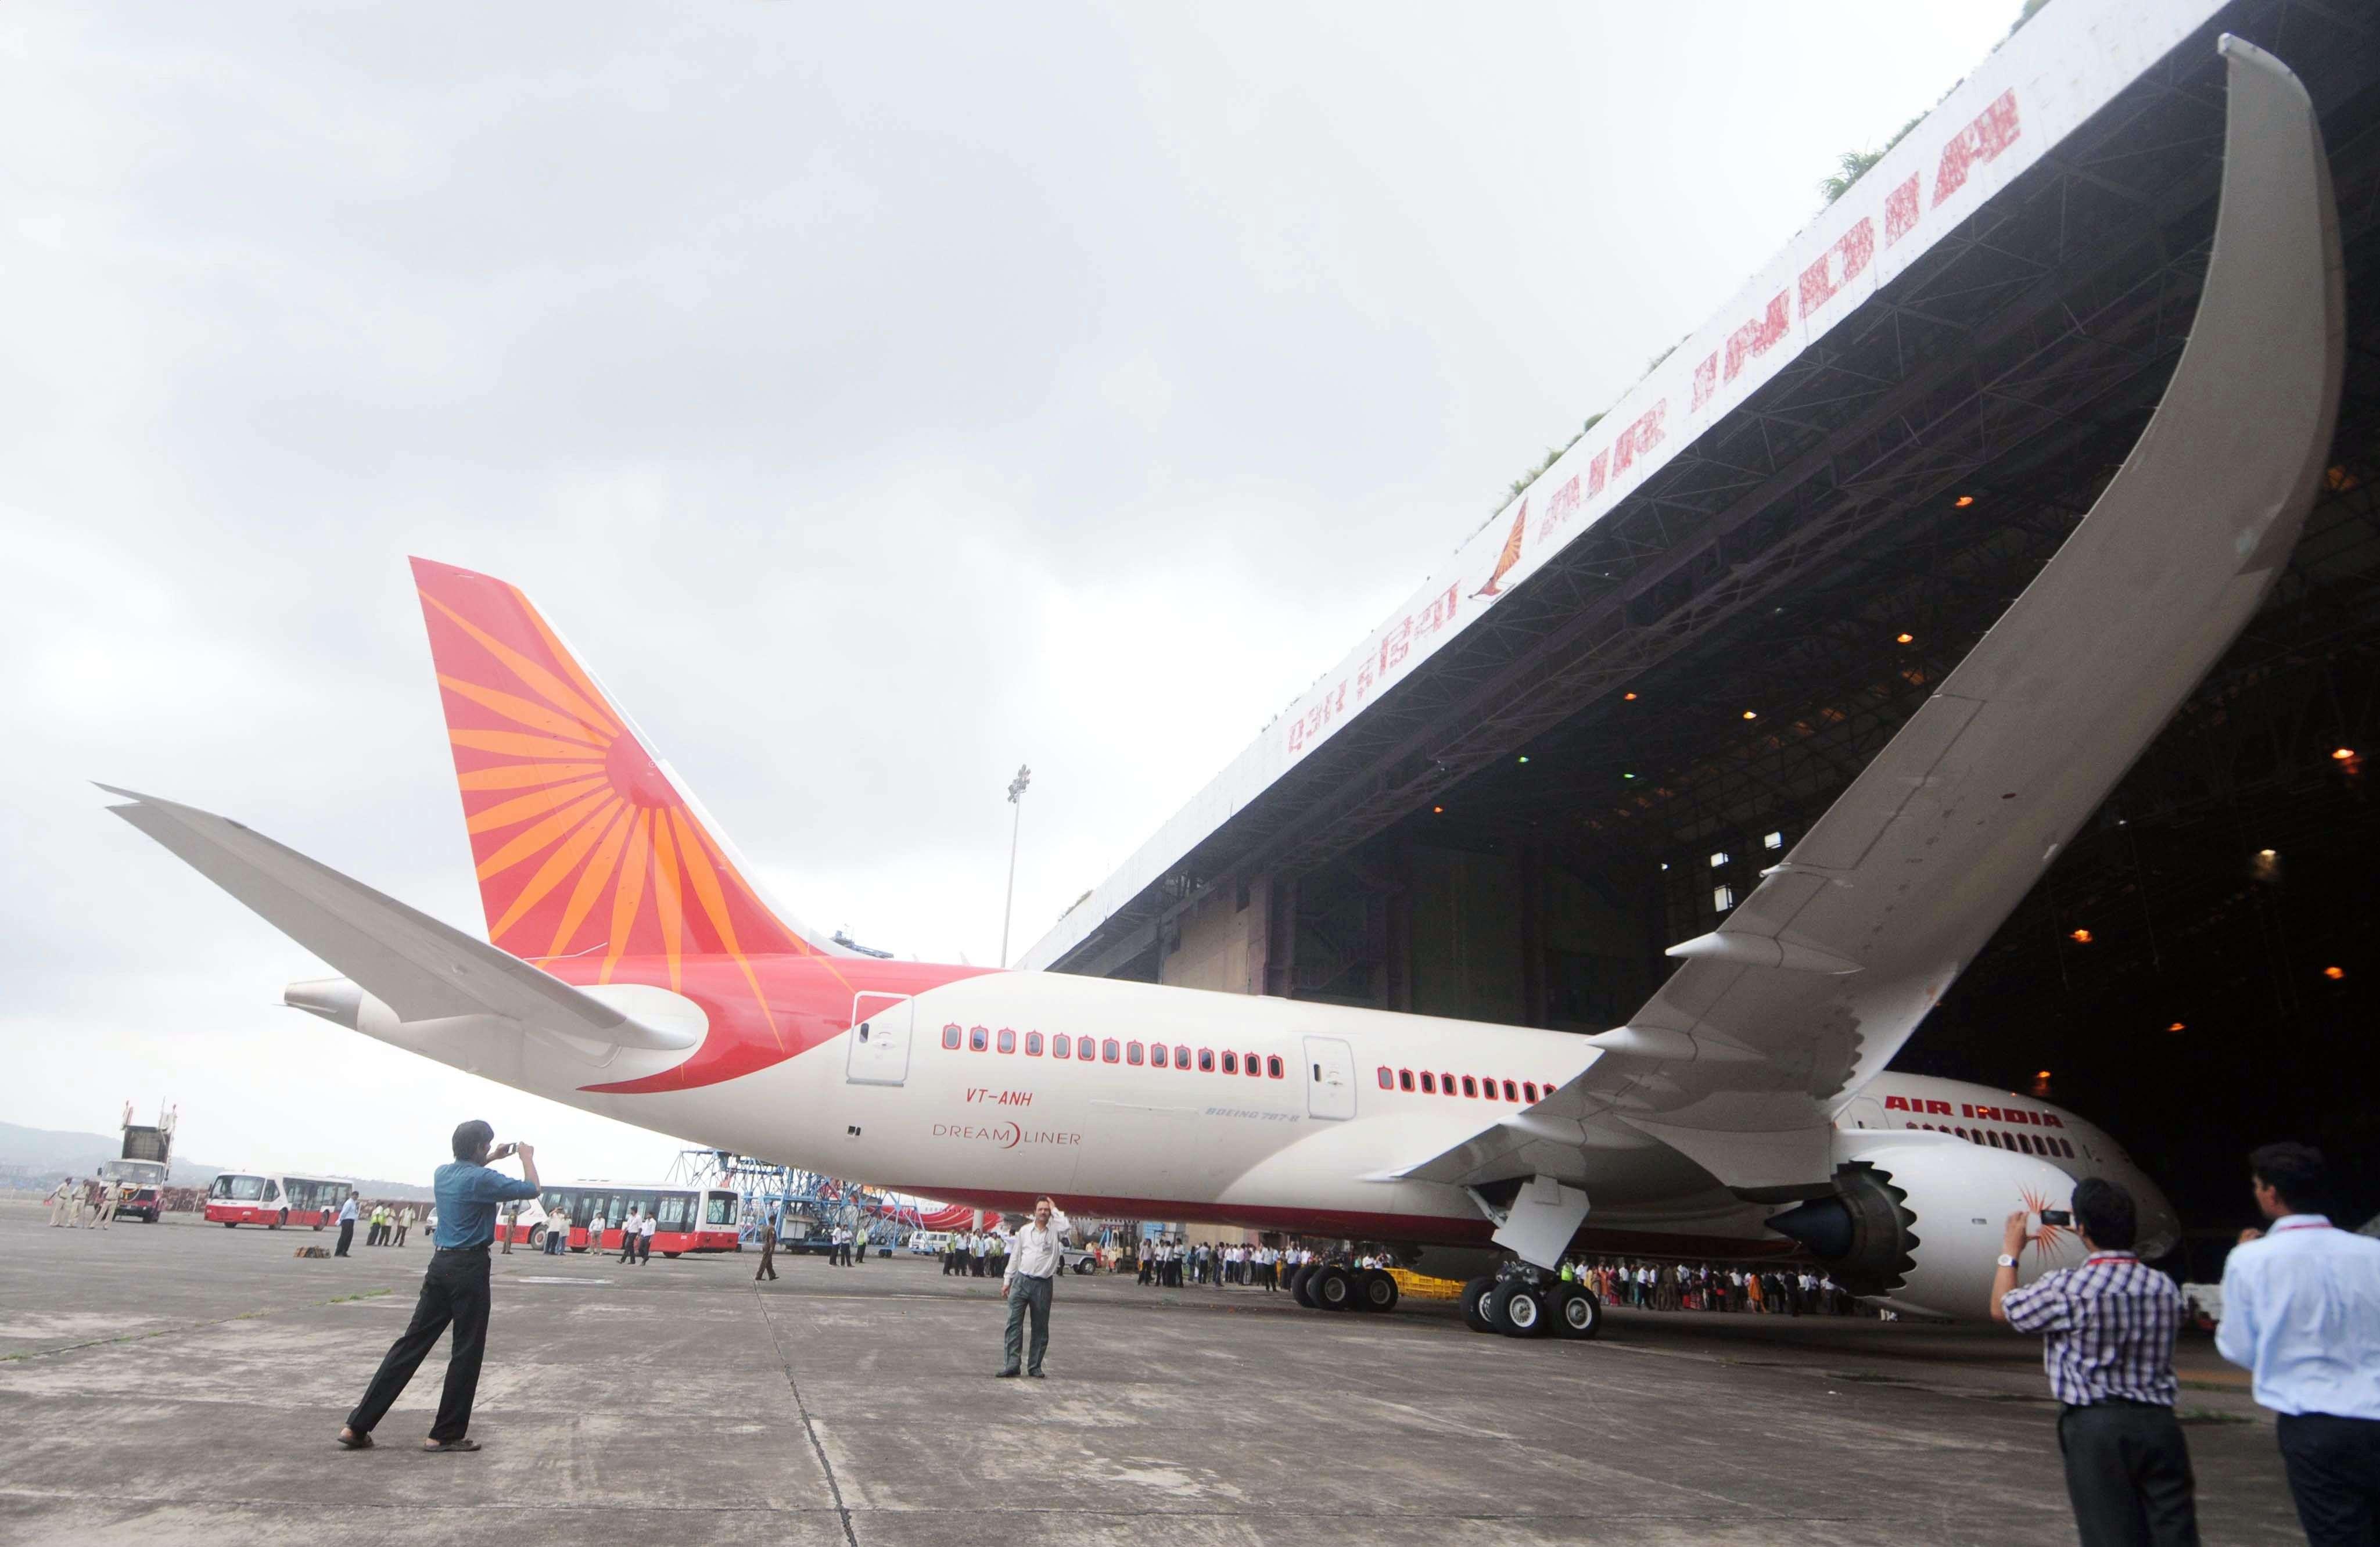 Air India's B-787 Dreamliner landed in Mumbai